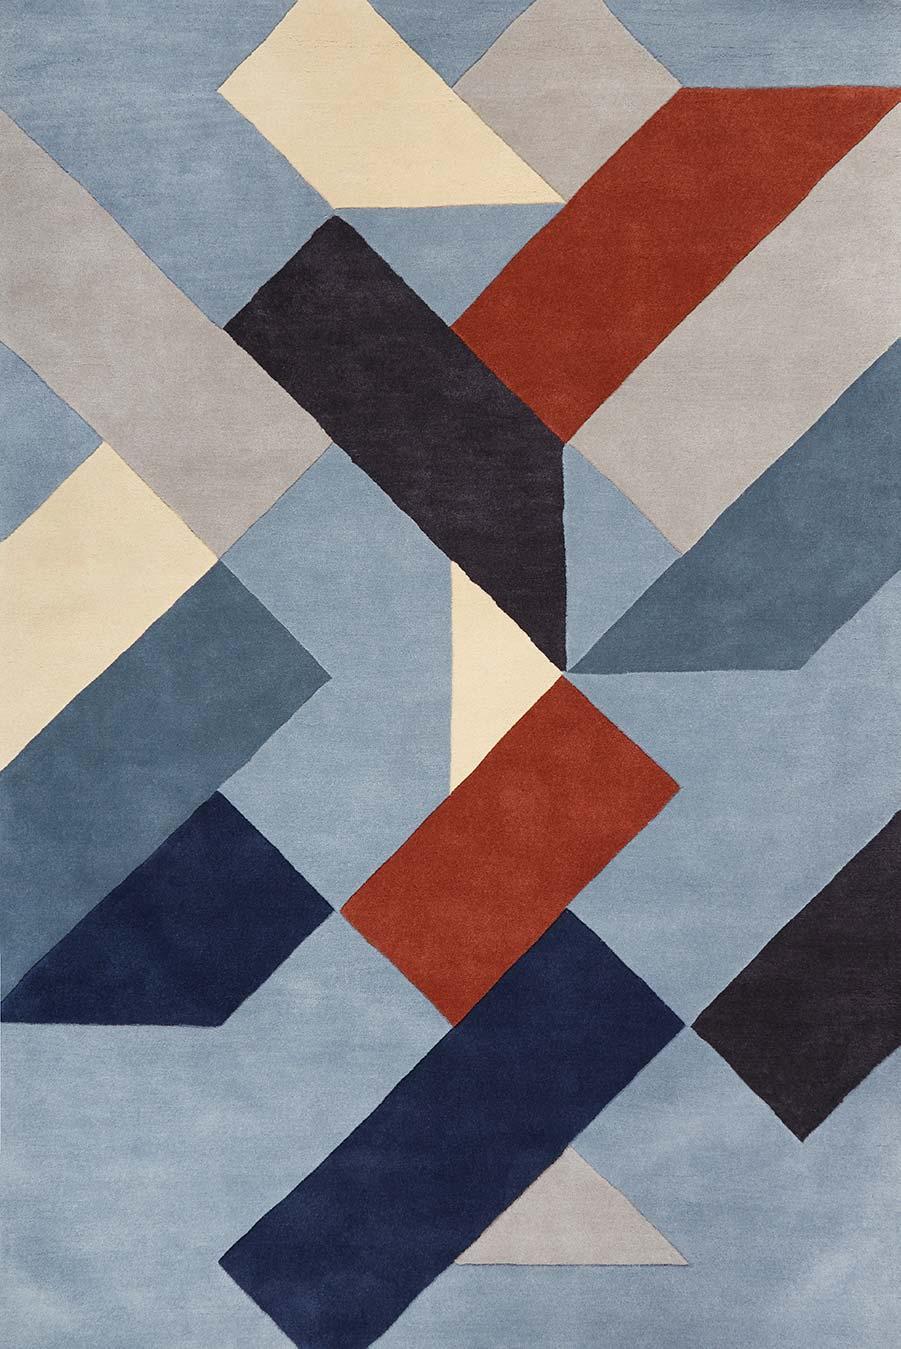 overhead image of geometric Fuse rug